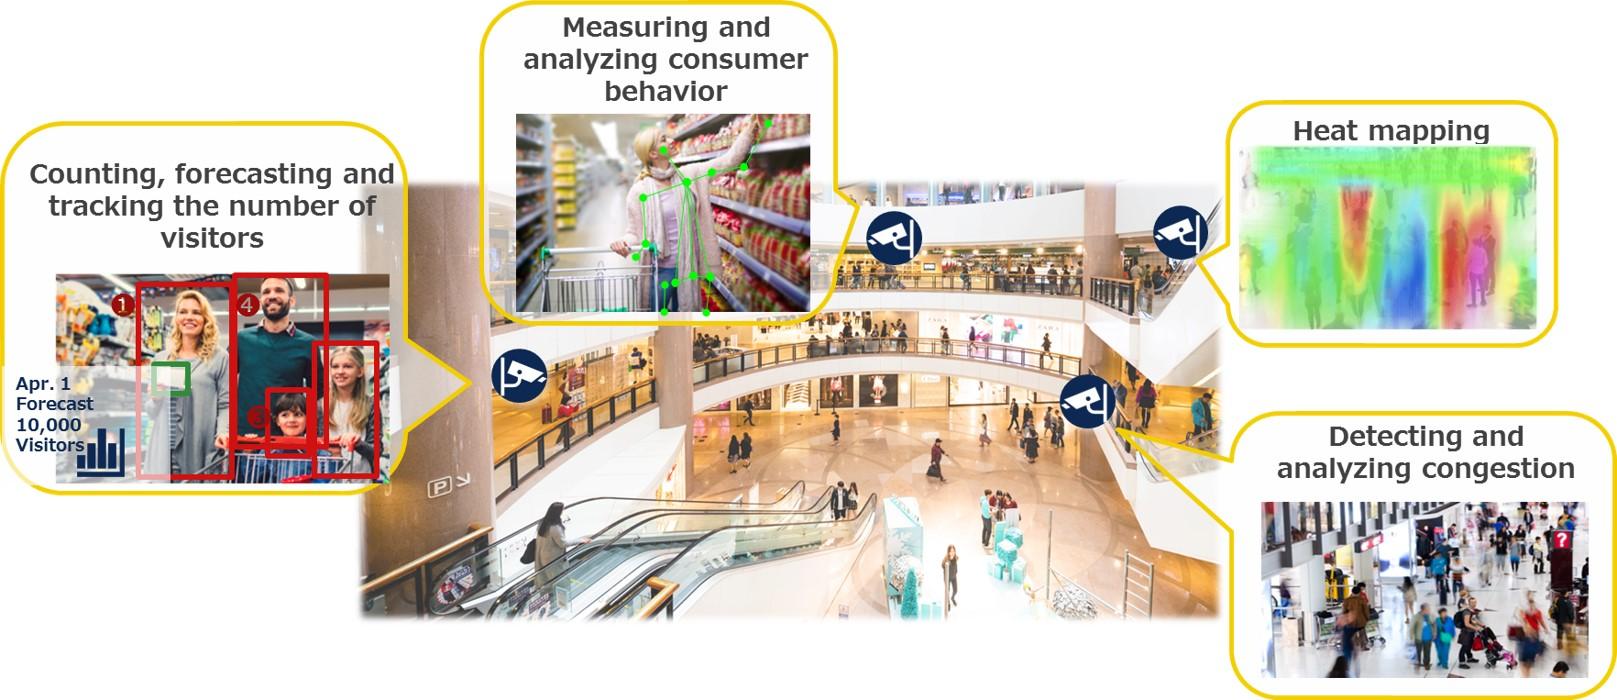 Nowe sensory wizyjne Sony same policzą, ile osób znajduje się w sklepie. Oto magia SI